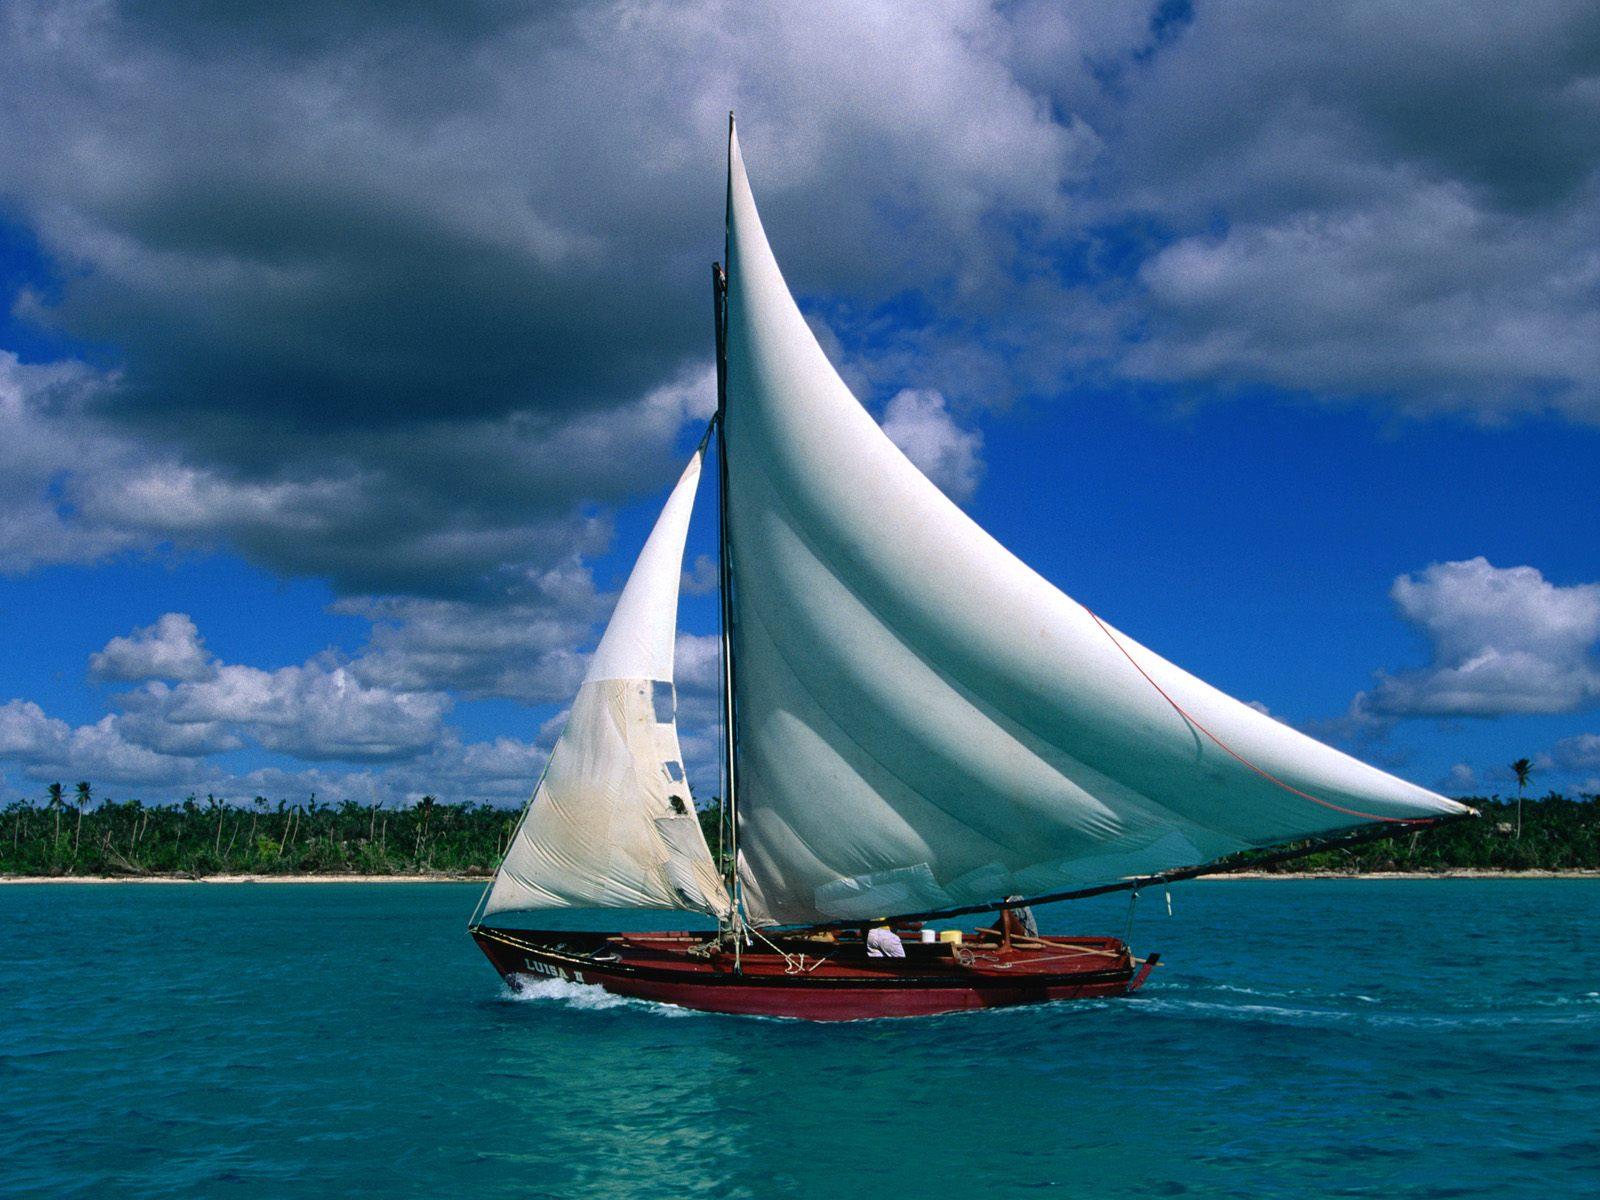 http://4.bp.blogspot.com/-SYMz1edkpqs/TtxHU8hKI6I/AAAAAAAAAqo/7L1BtIOFAzA/s1600/fishing-hd-3-727087.jpg